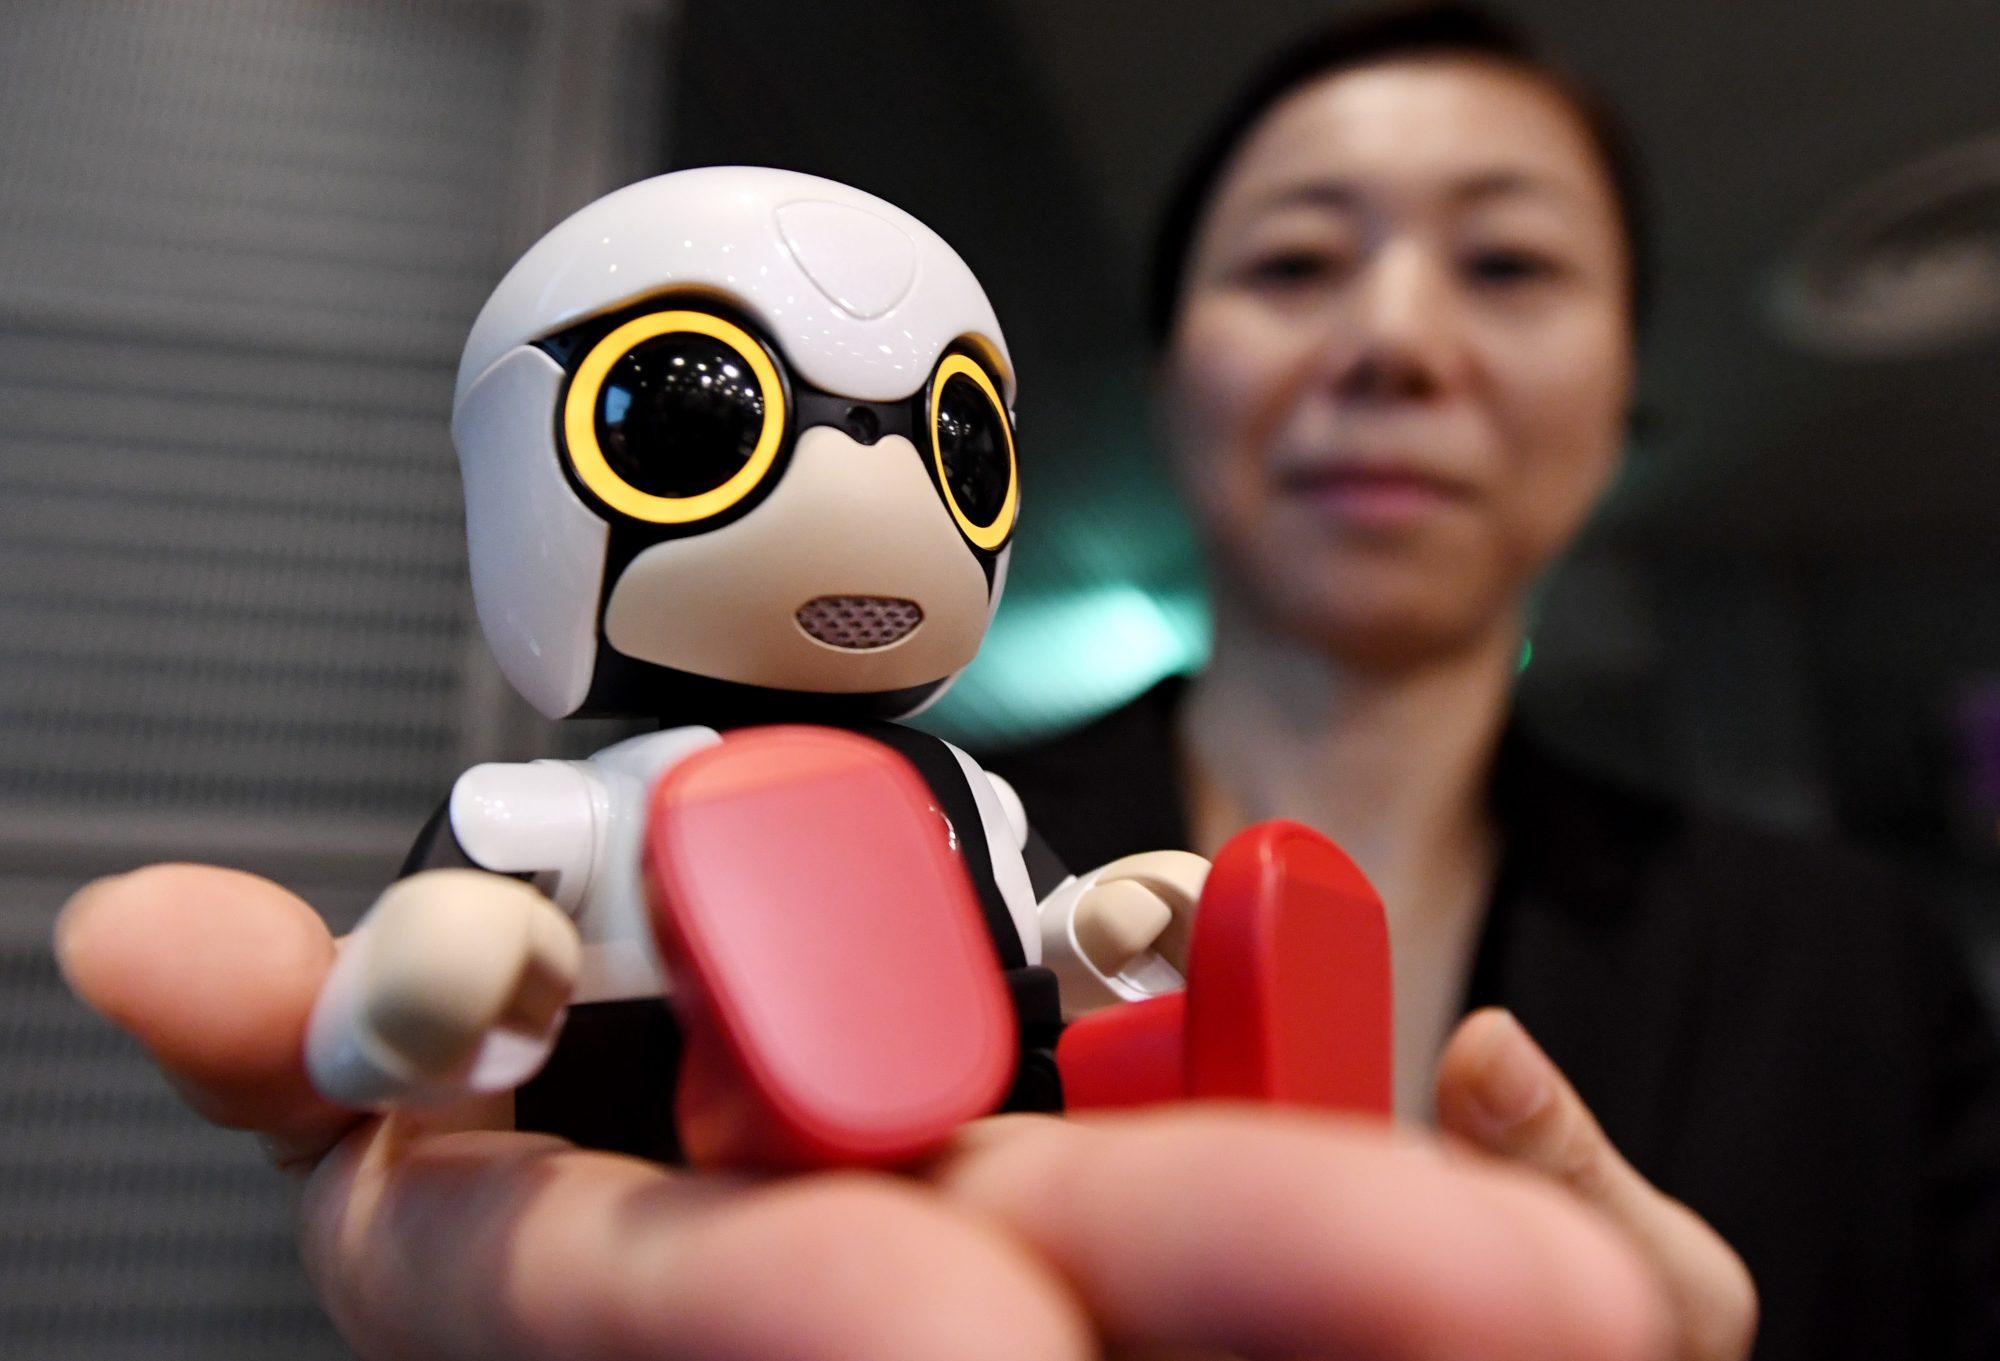 JAPAN-ROBOT-SCIENCE-COMPANY-TOYOTA-KIROBO MINI